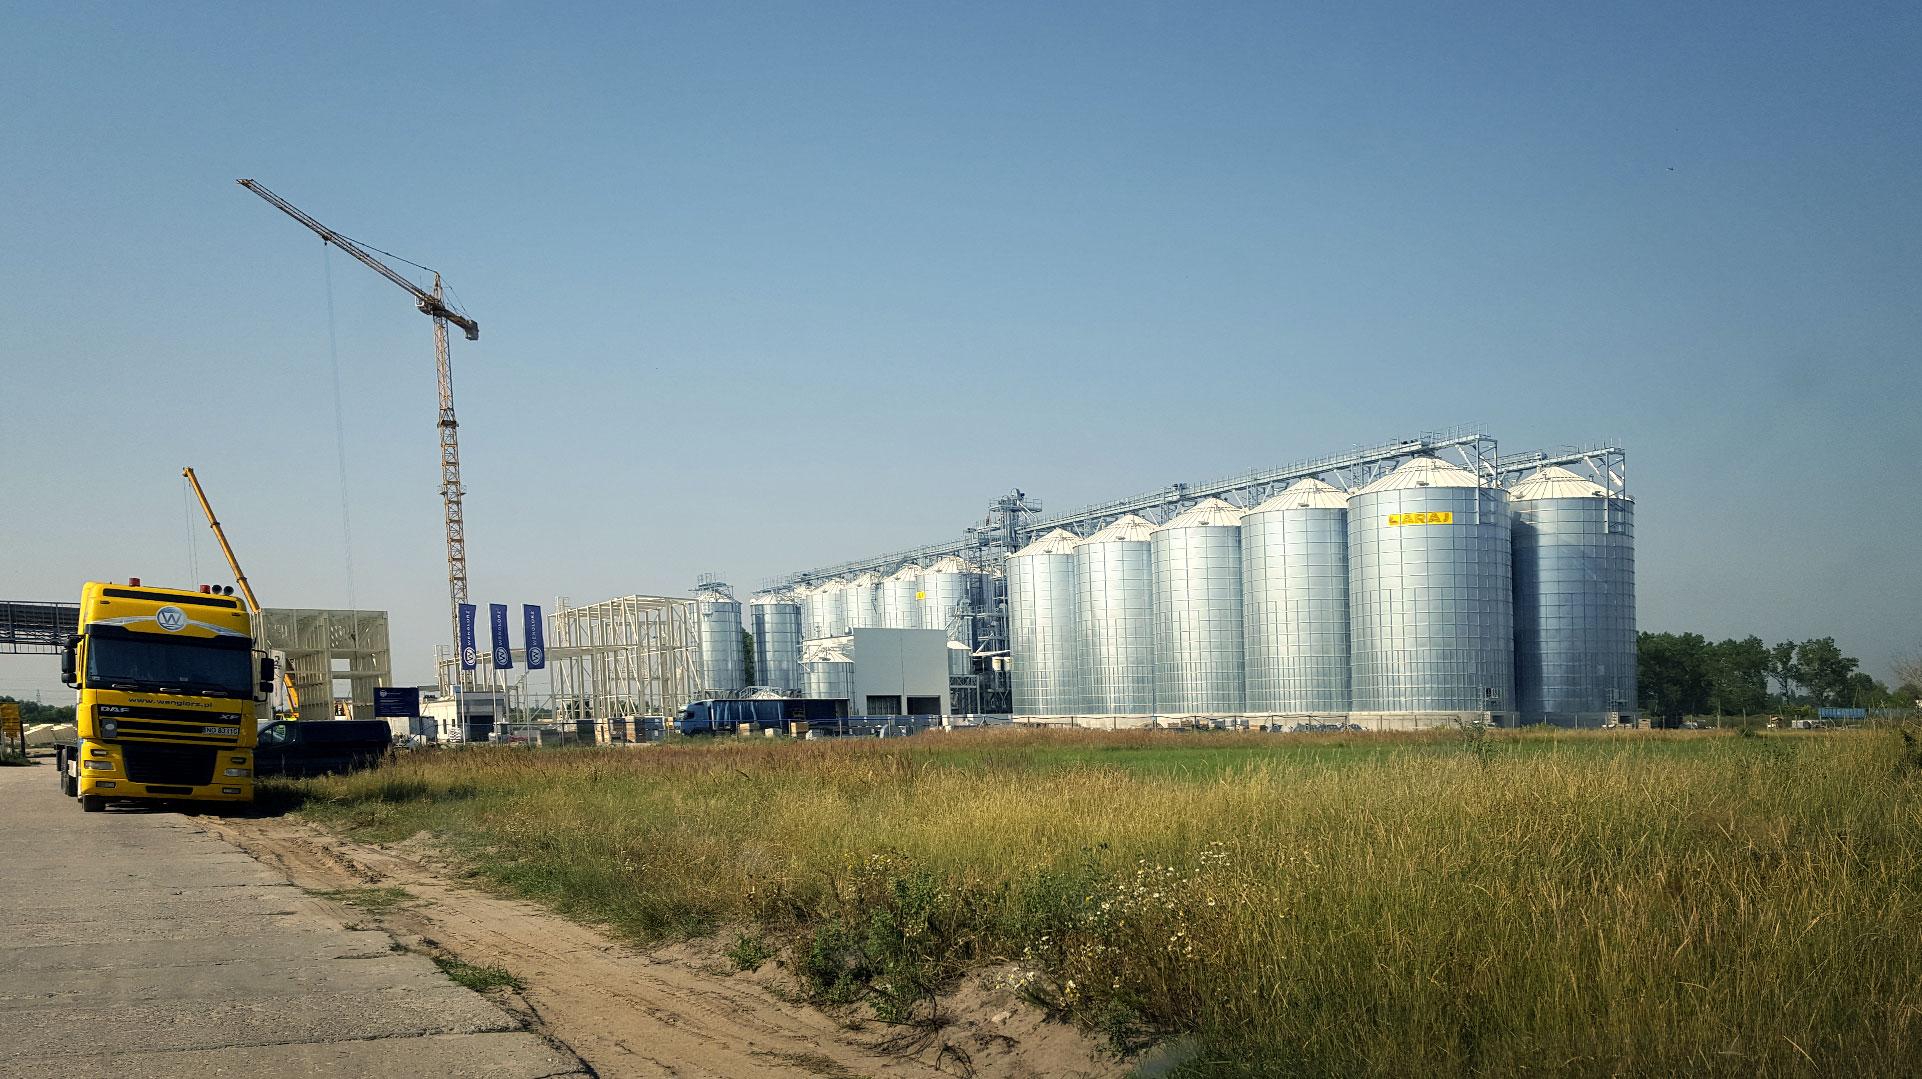 Obiekt obsługiwany przez DB Project - firmę zajmującą się automatyzacją procesów przemysłowych